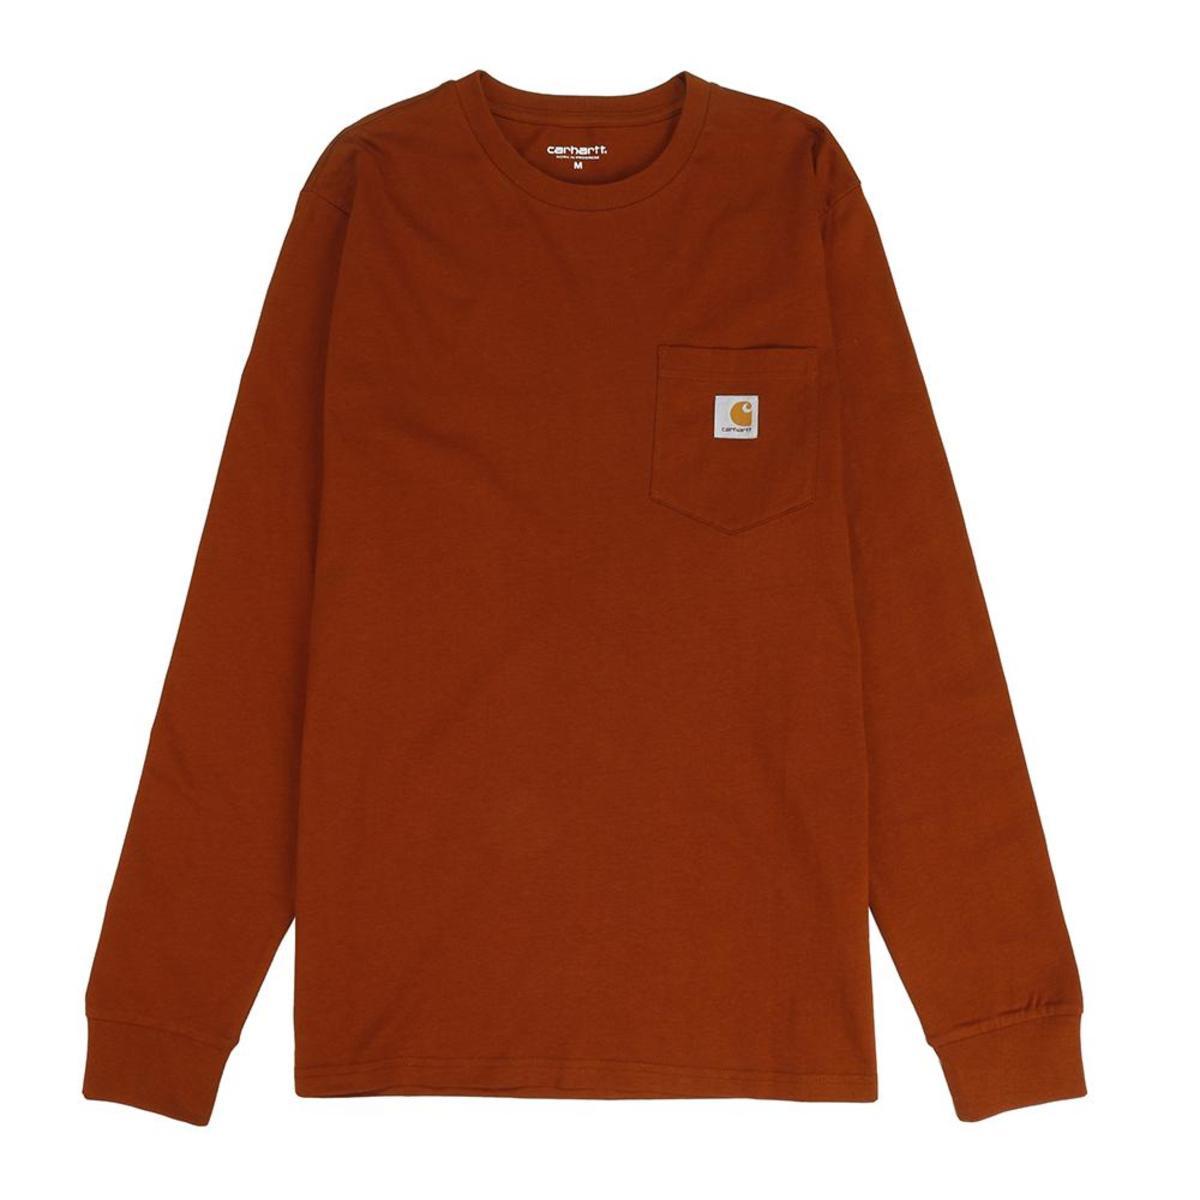 Carhartt L/S Pocket t-shirt, brandy, x-small